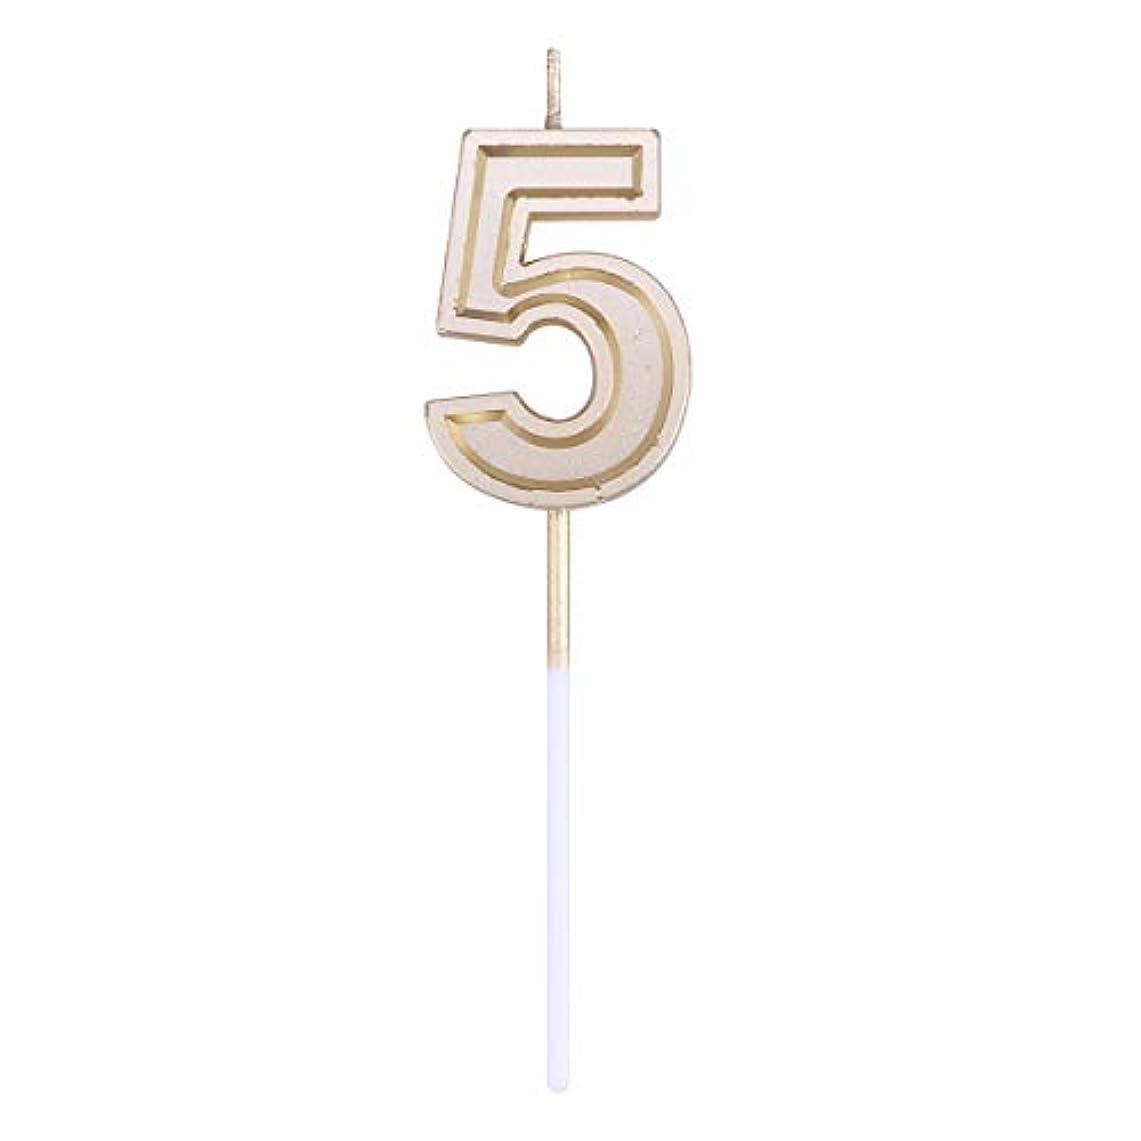 声を出して嫌いなるToyvian ゴールドラメ誕生日おめでとう数字キャンドル番号キャンドルケーキトッパー装飾用大人キッズパーティー(5)